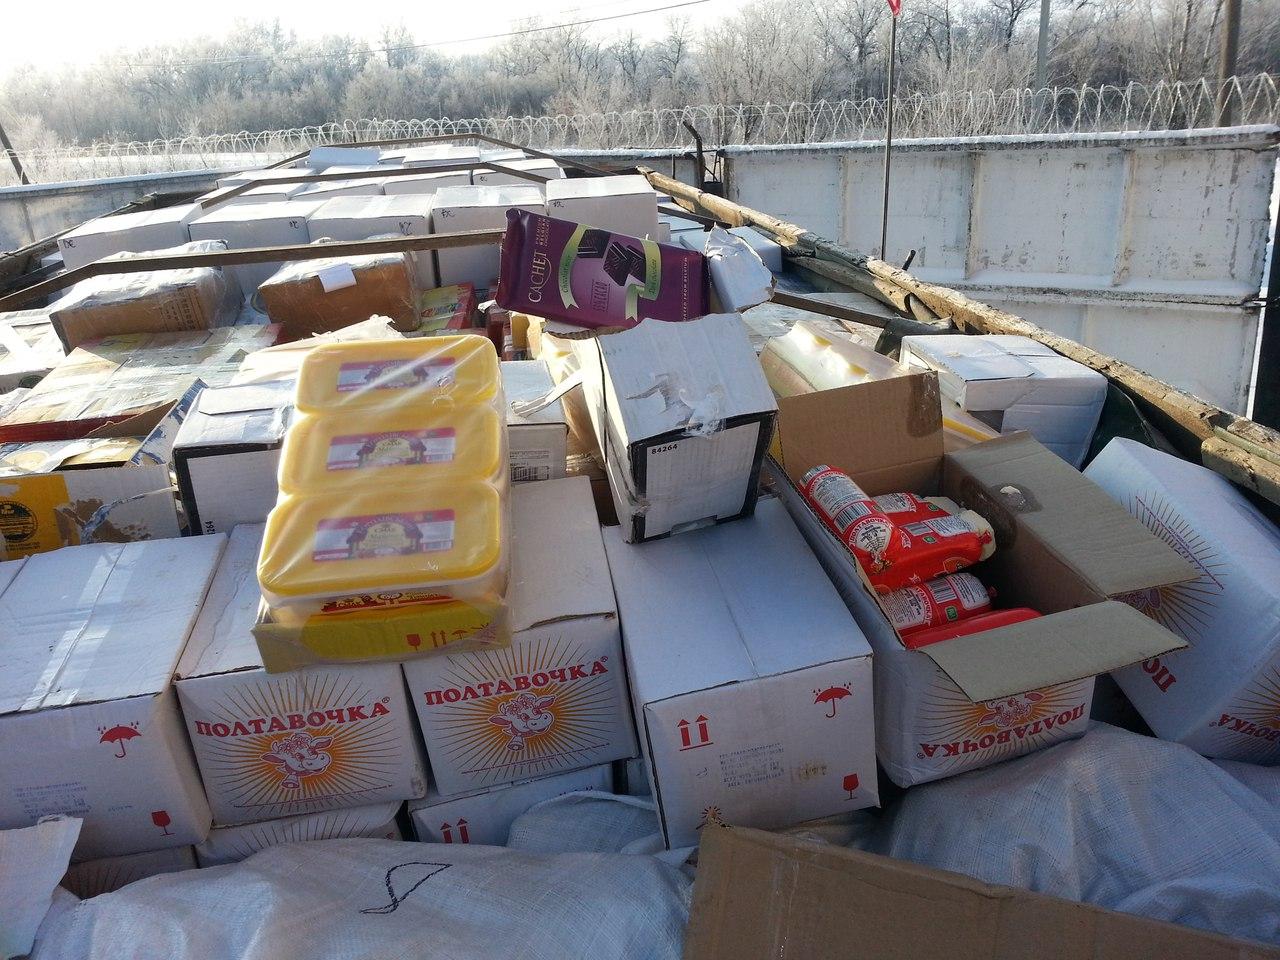 В Ростовской области пограничники задержали забитый «санкционкой» КамАЗ, прибывший из Украины